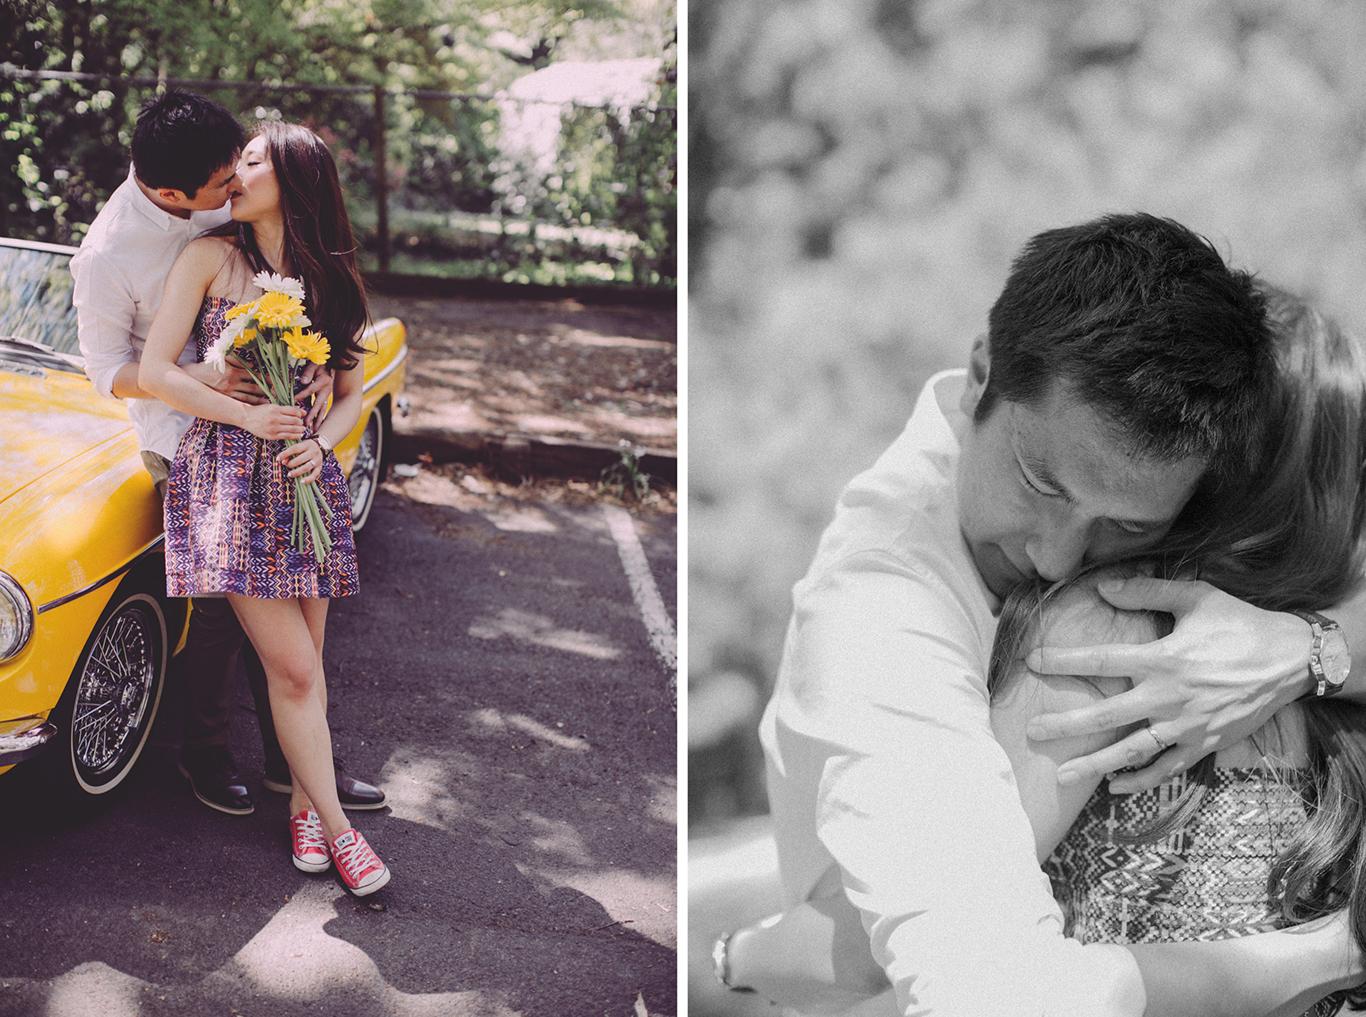 104-hellojanelee-amazing-wedding-2015-malaysia